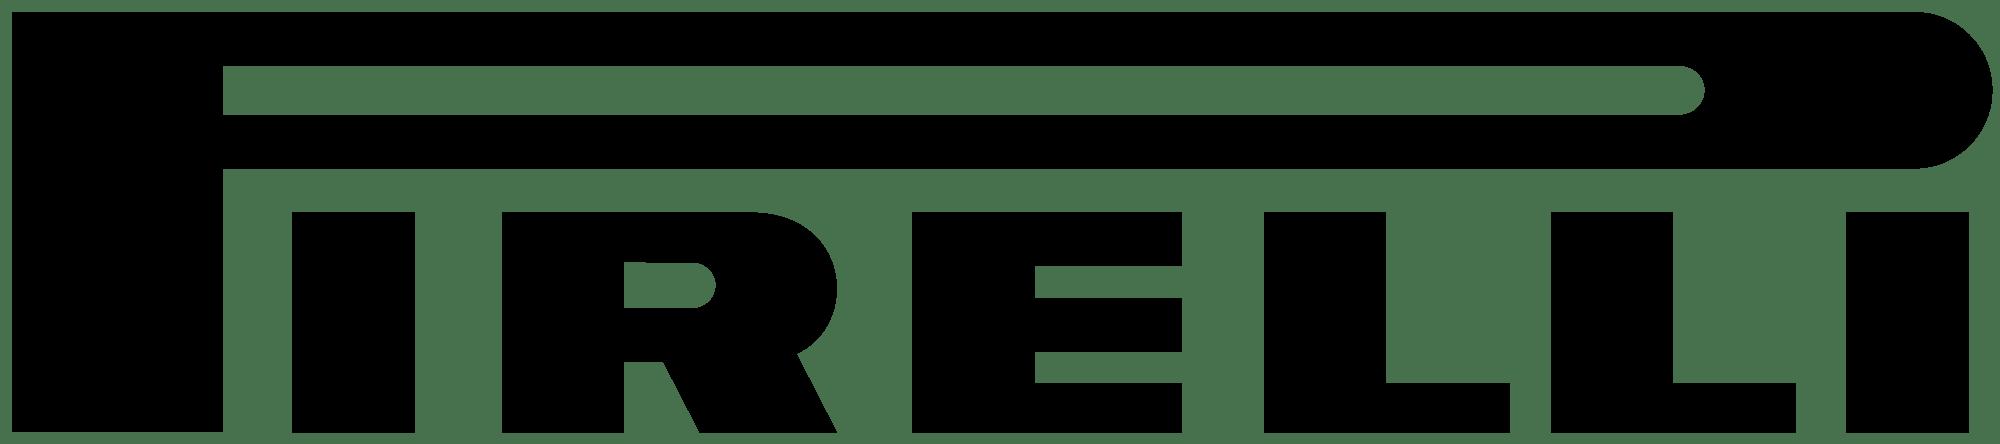 pirelli_logo.png